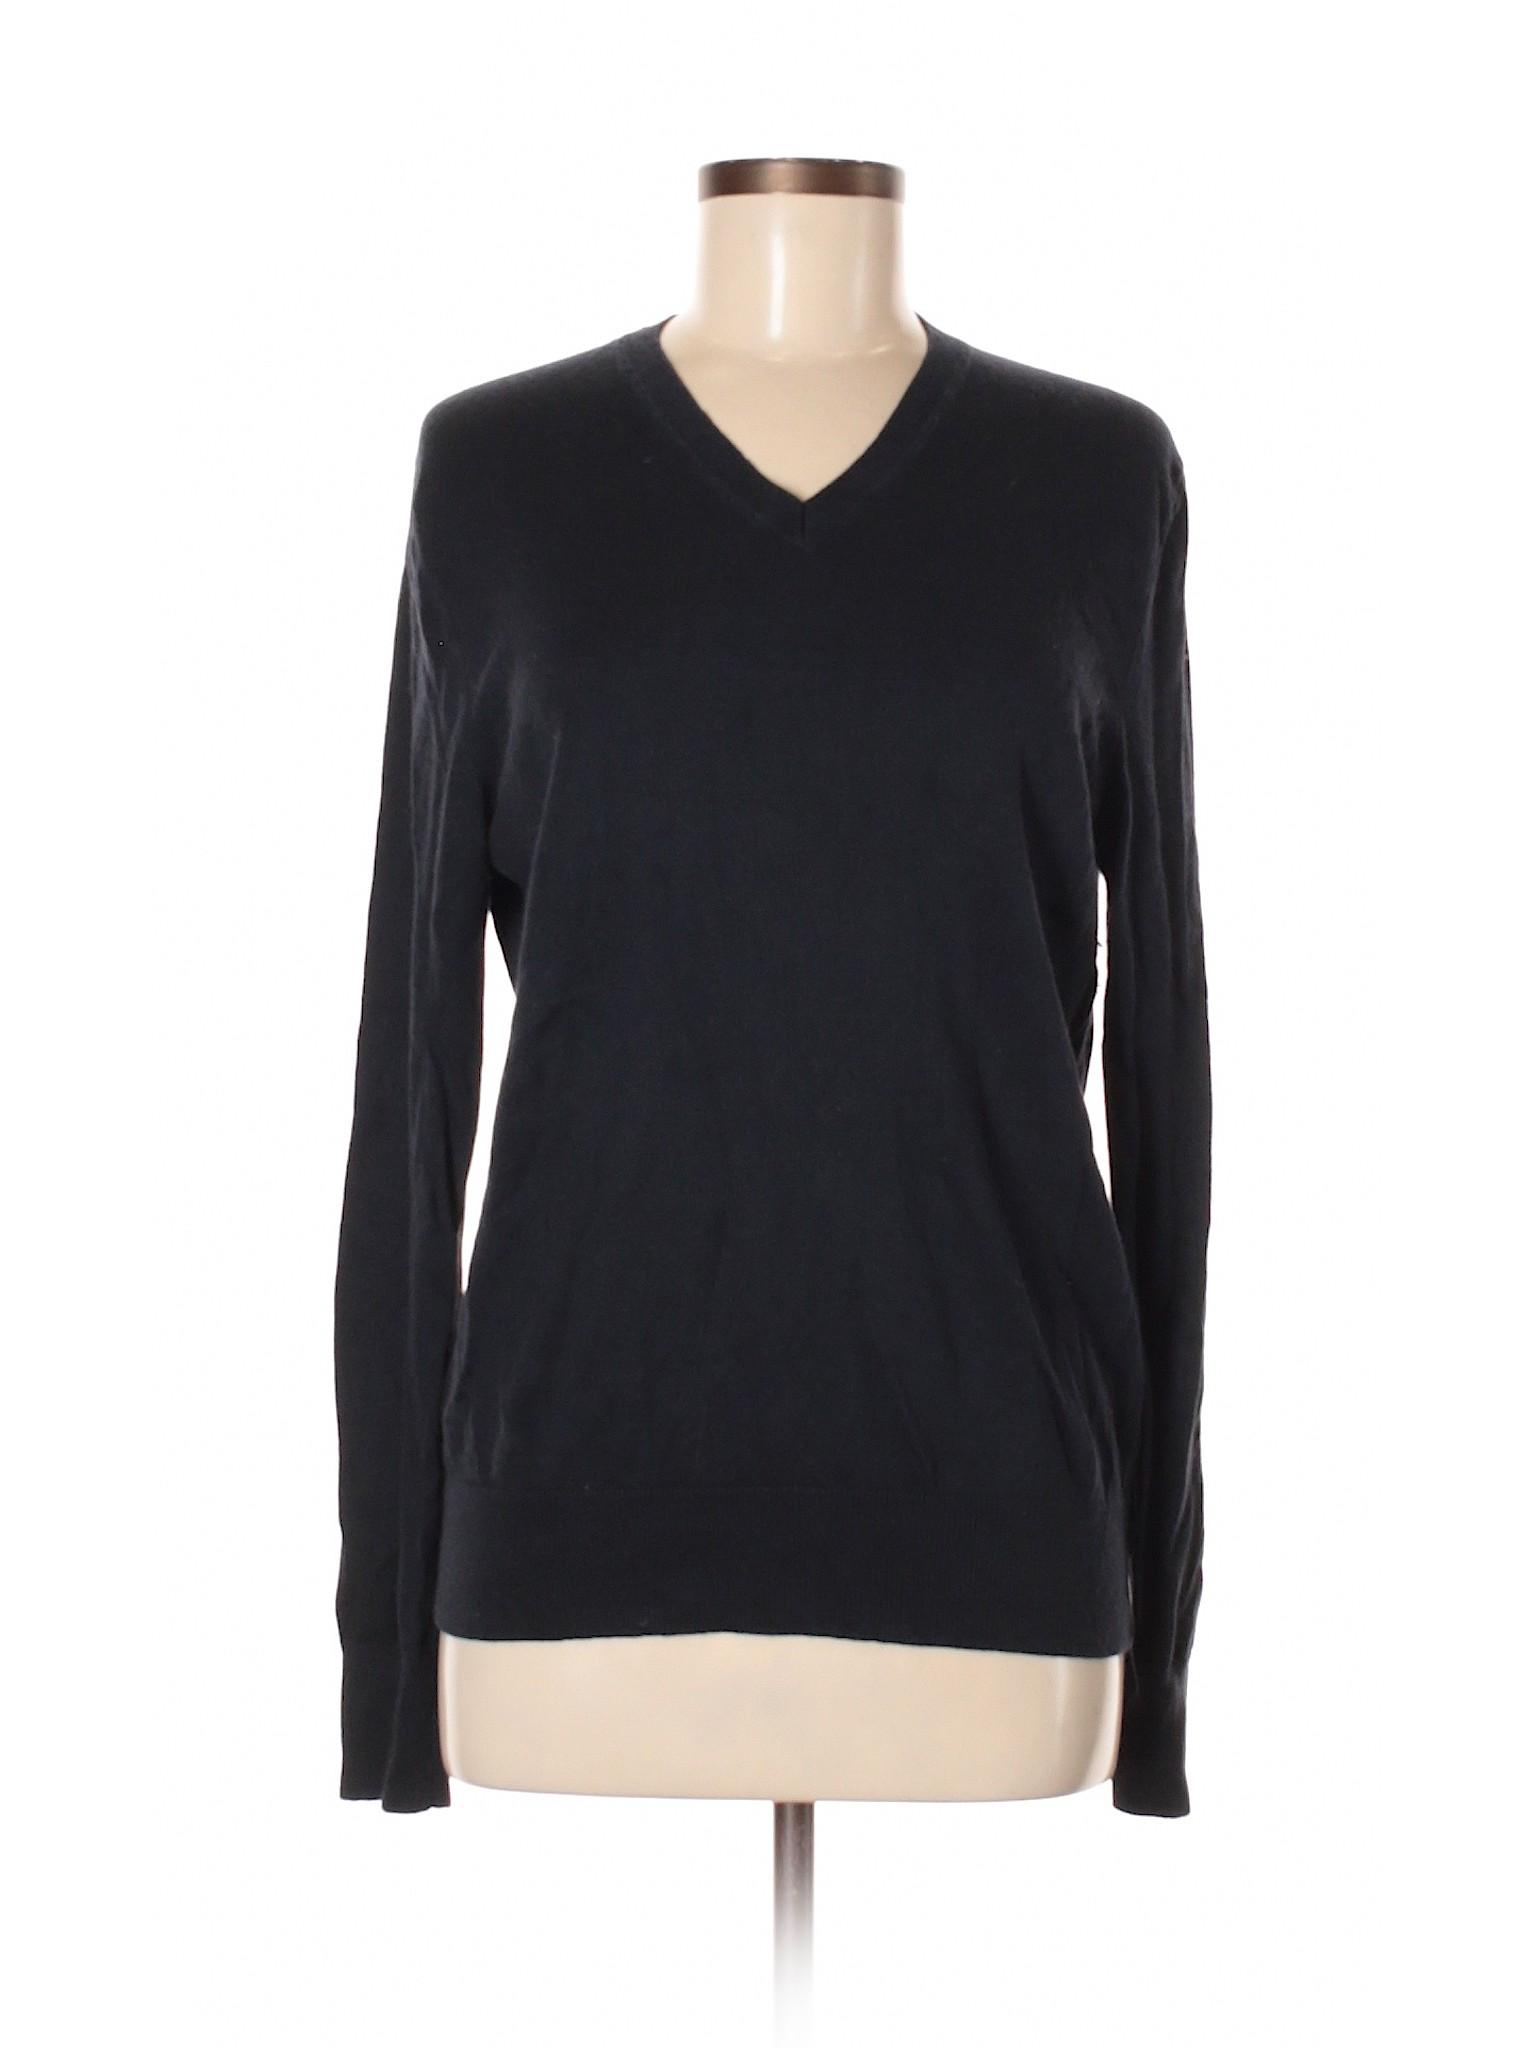 Sweater winter Boutique Pullover Banana Republic Silk dXCwRxfqw